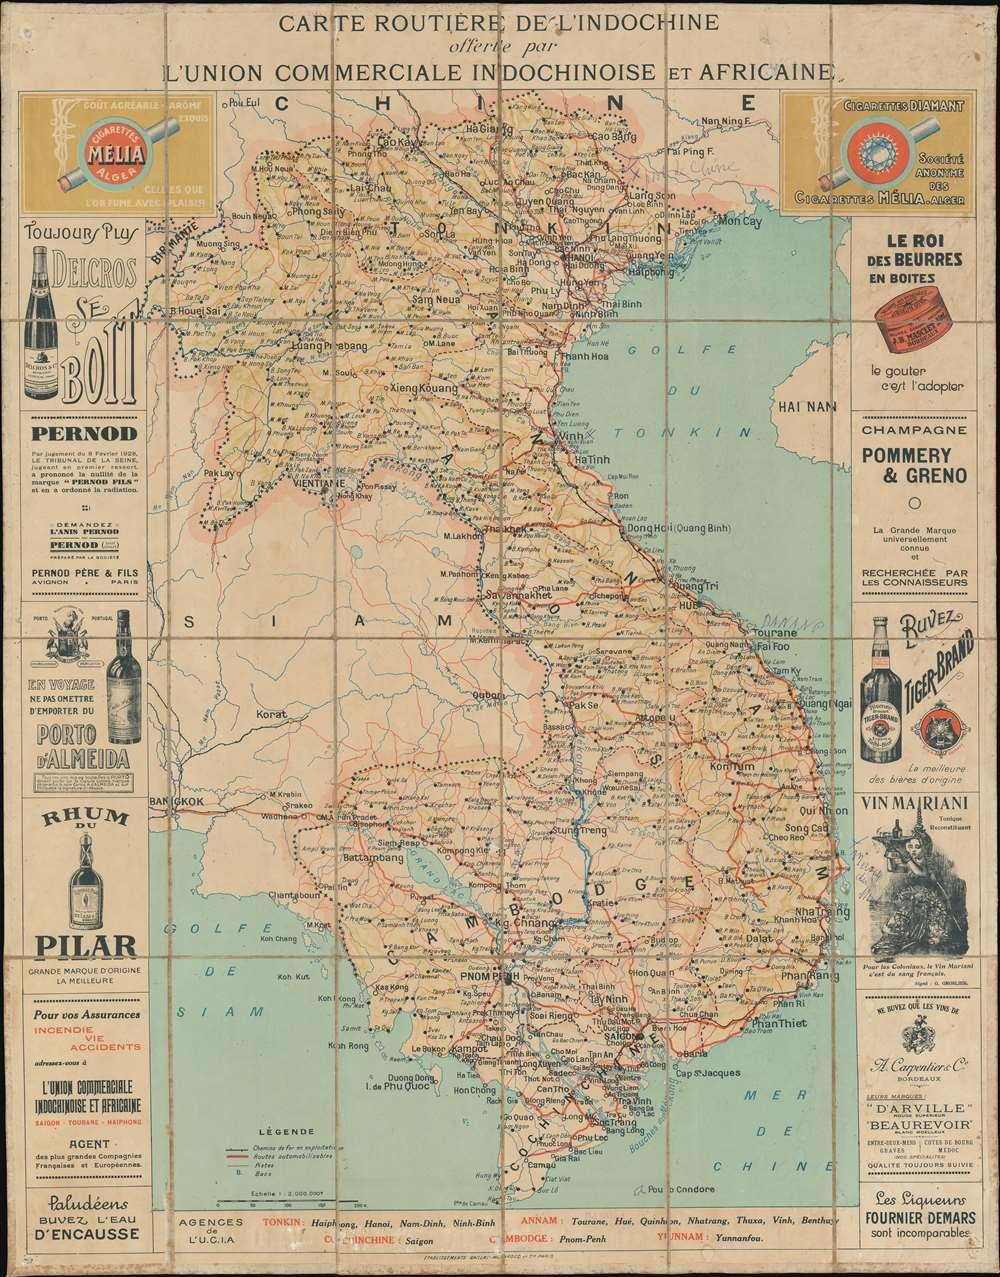 Carte Routière de L'indochine offerte par L'Union Commerciale Indochinoise et Africaine. - Main View